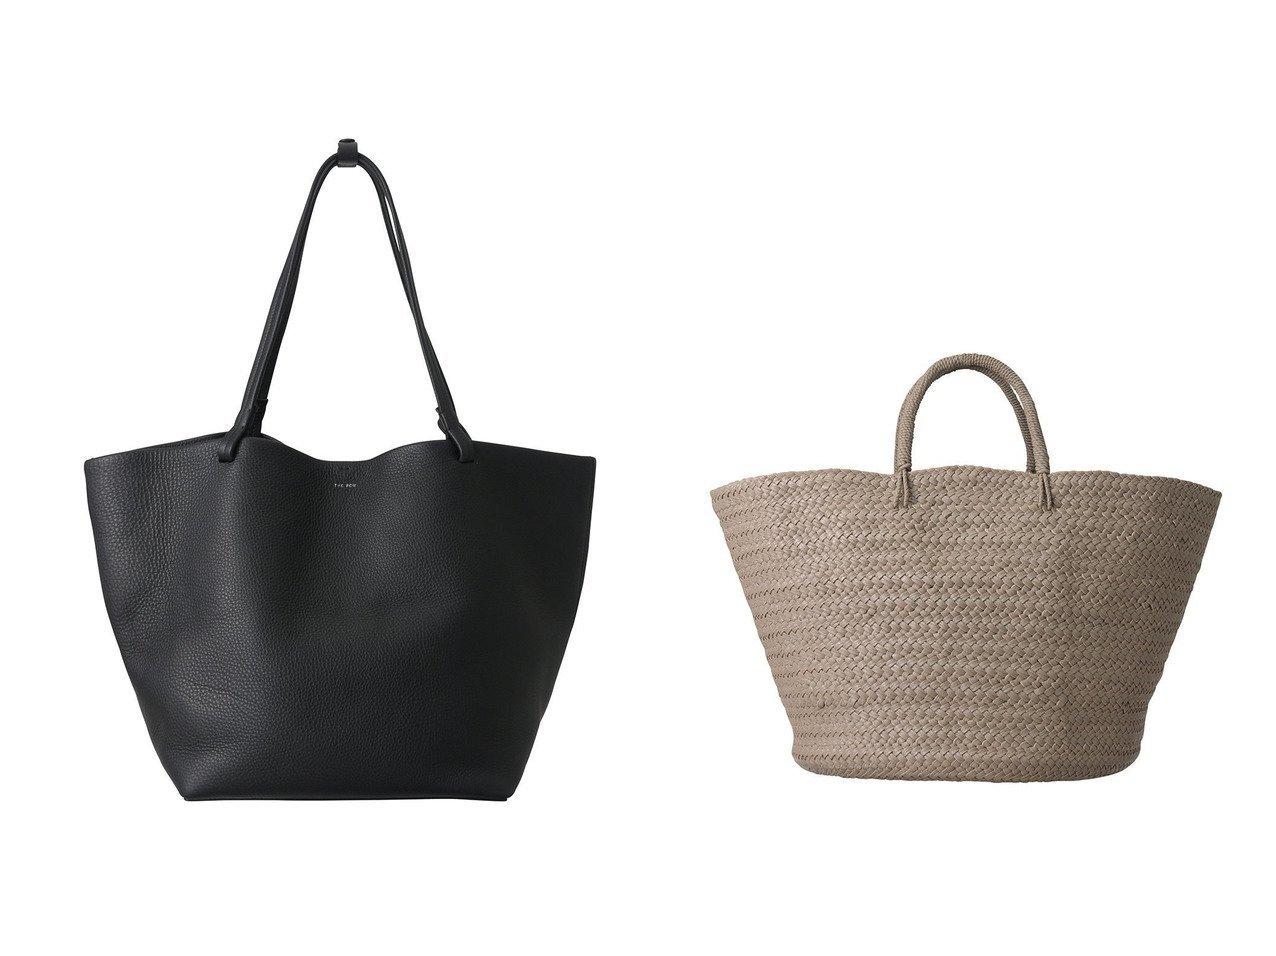 【Aeta/アエタ】のバスケットバッグ L&【THE ROW/ザ ロウ】のPARK TOTE THREE 【バッグ・鞄】おすすめ!人気、トレンド・レディースファッションの通販 おすすめで人気の流行・トレンド、ファッションの通販商品 インテリア・家具・メンズファッション・キッズファッション・レディースファッション・服の通販 founy(ファニー) https://founy.com/ ファッション Fashion レディースファッション WOMEN バッグ Bag 2020年 2020 2020-2021秋冬・A/W AW・Autumn/Winter・FW・Fall-Winter/2020-2021 2021年 2021 2021-2022秋冬・A/W AW・Autumn/Winter・FW・Fall-Winter・2021-2022 A/W・秋冬 AW・Autumn/Winter・FW・Fall-Winter シンプル トレンド ポーチ バスケット |ID:crp329100000068599